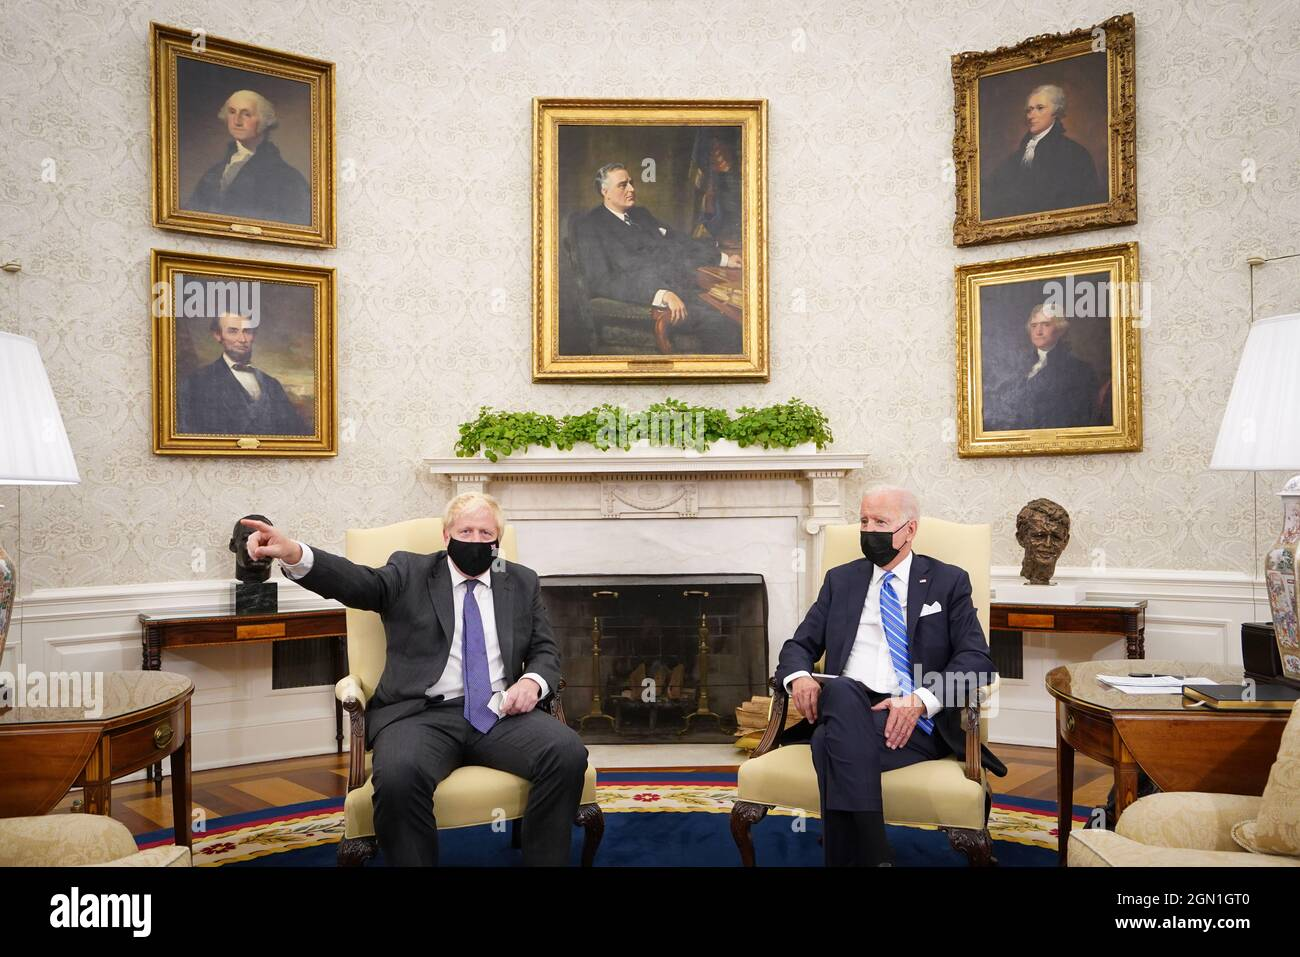 Il primo Ministro Boris Johnson incontra il Presidente degli Stati Uniti Joe Biden presso l'Ufficio ovale della Casa Bianca di Washington DC, durante la sua visita negli Stati Uniti per l'Assemblea Generale delle Nazioni Unite. Data foto: Martedì 21 settembre 2021. Foto Stock